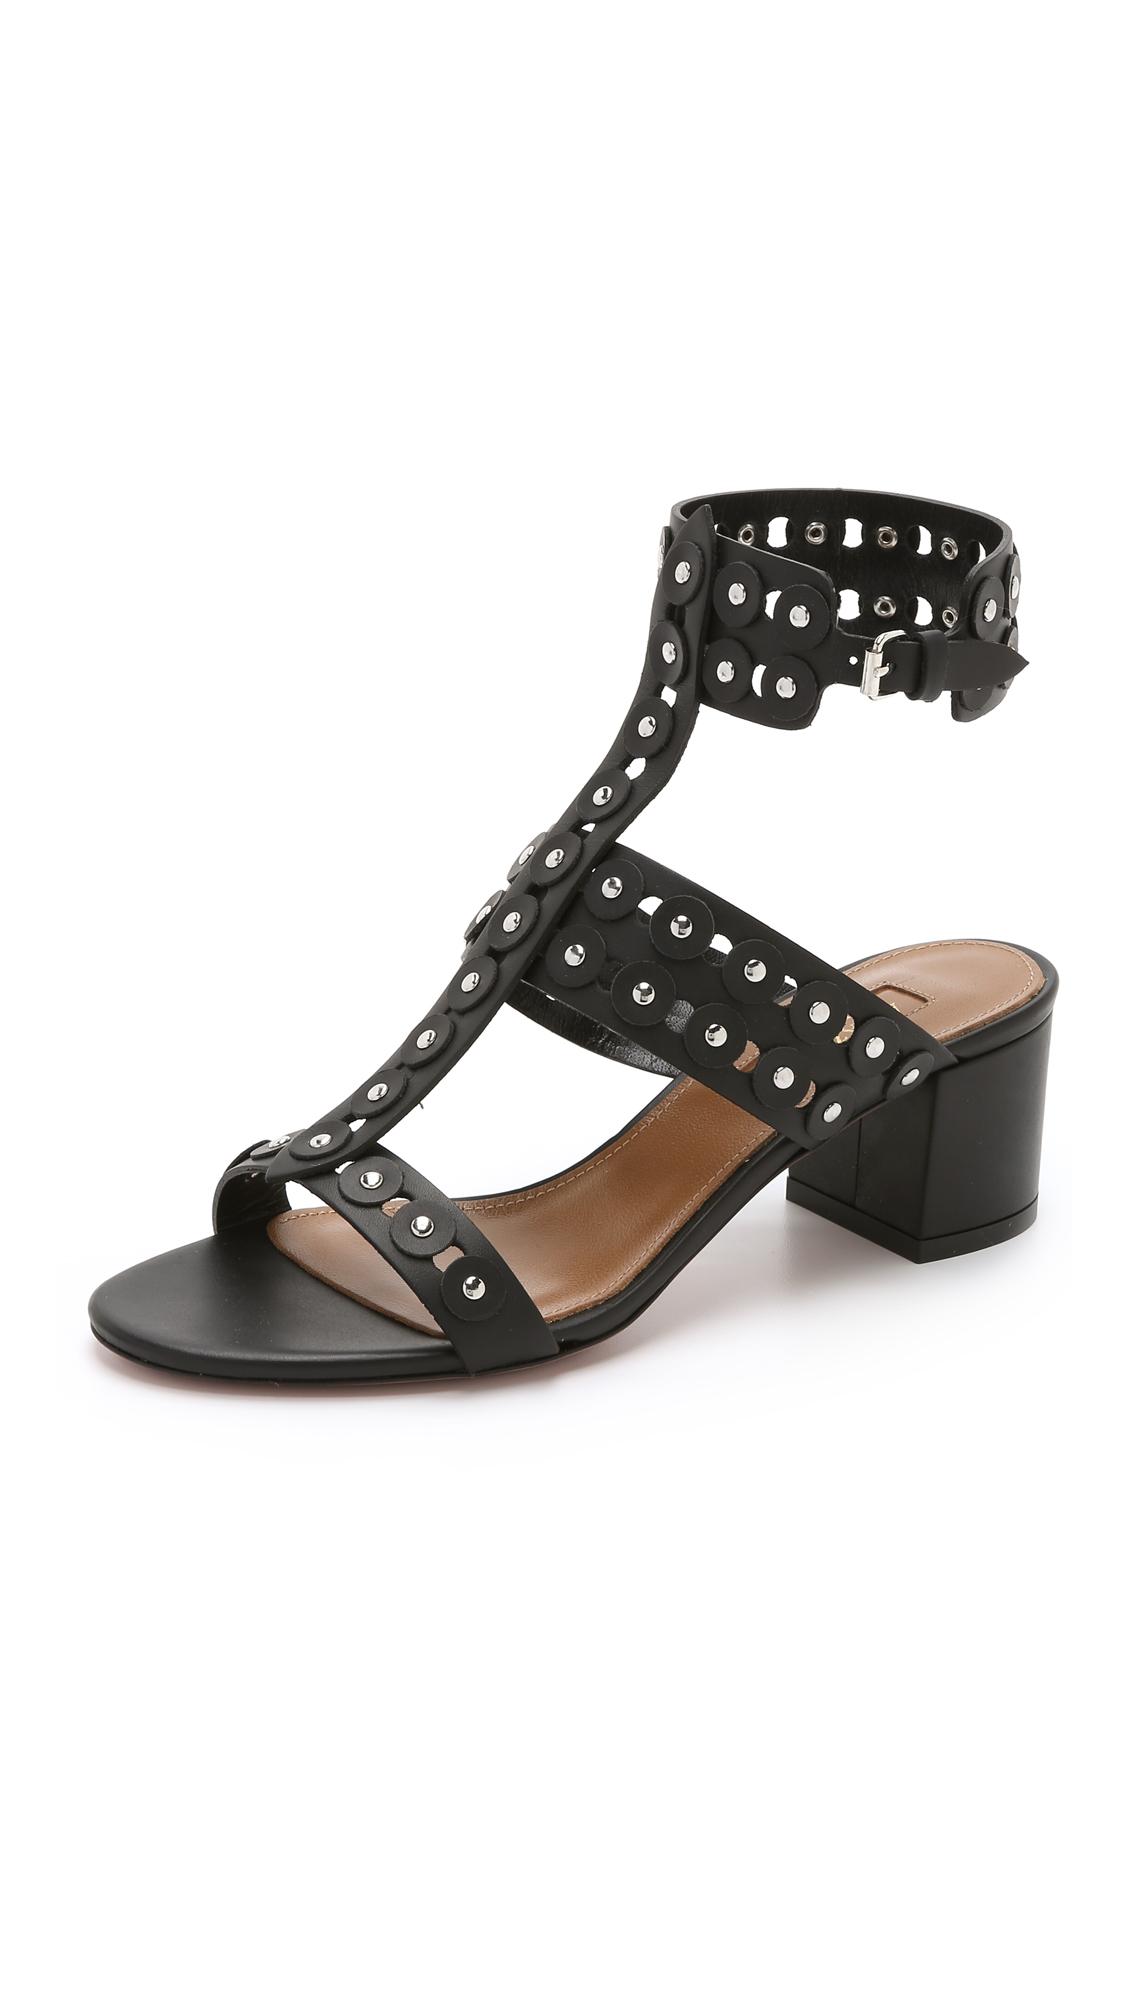 Aquazzura Rebel Studded Sandals Black In Black Lyst